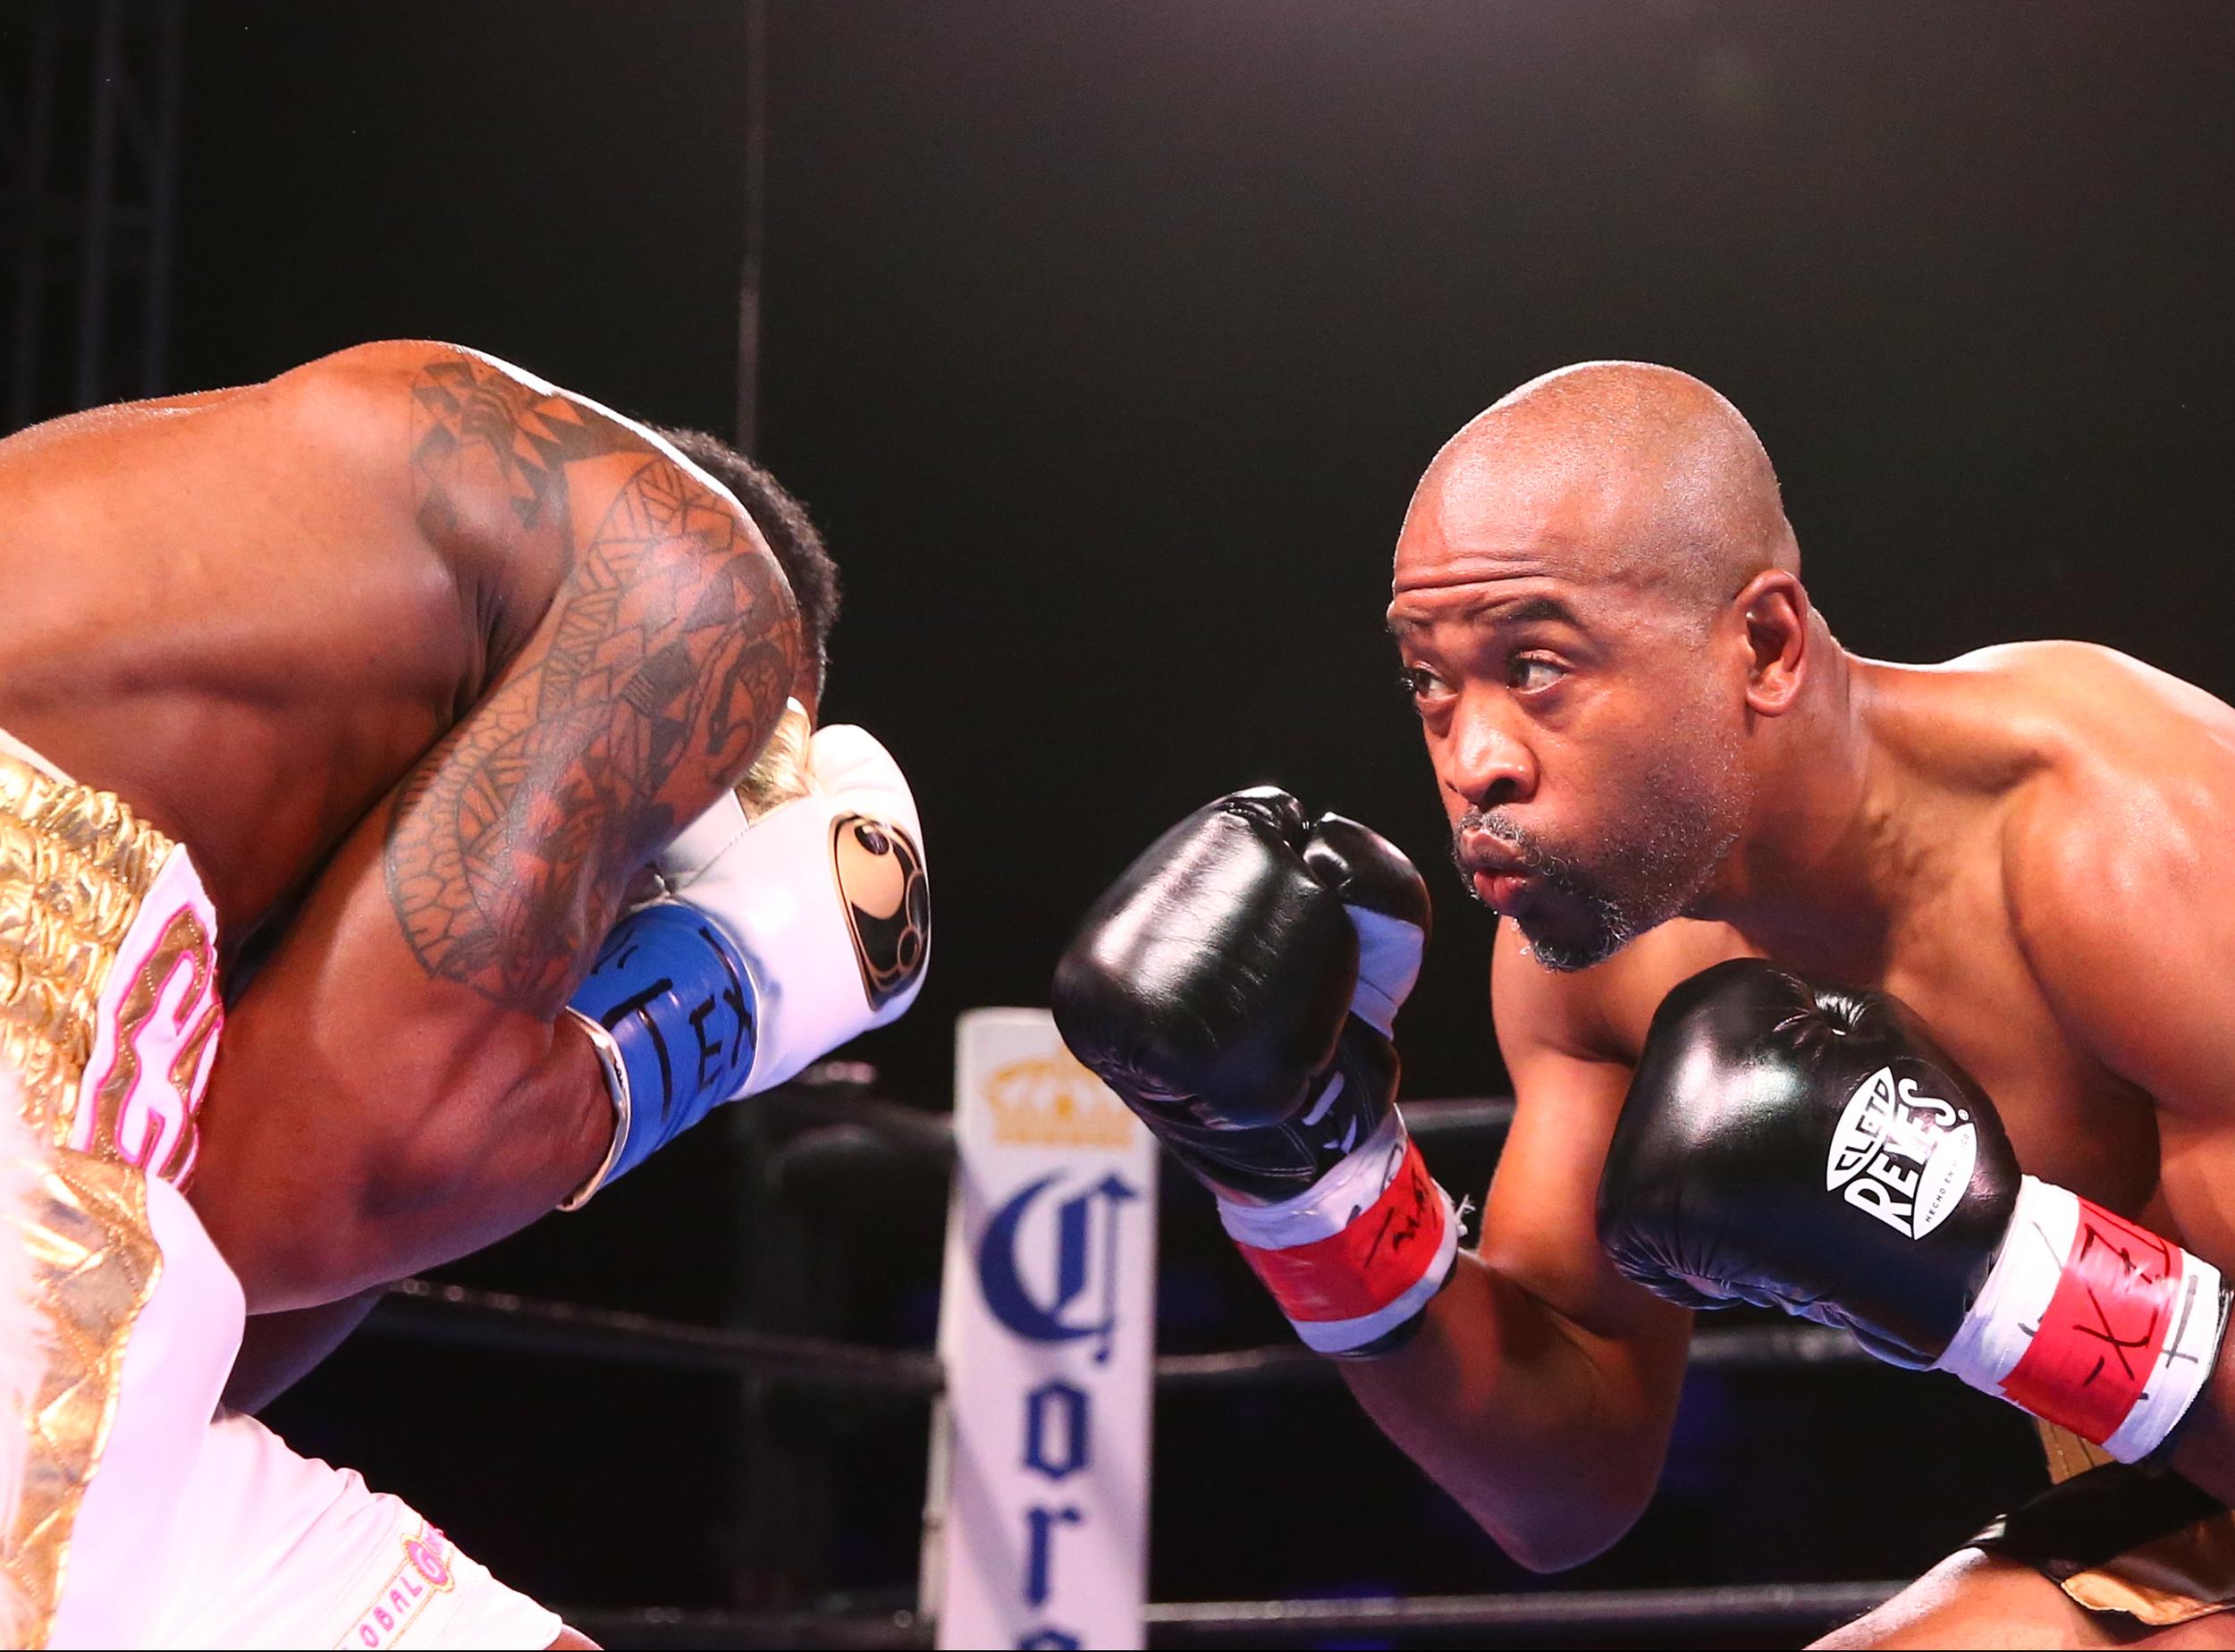 SASP- 20151031 - PBC Boxing - 2306 - 4440.JPG